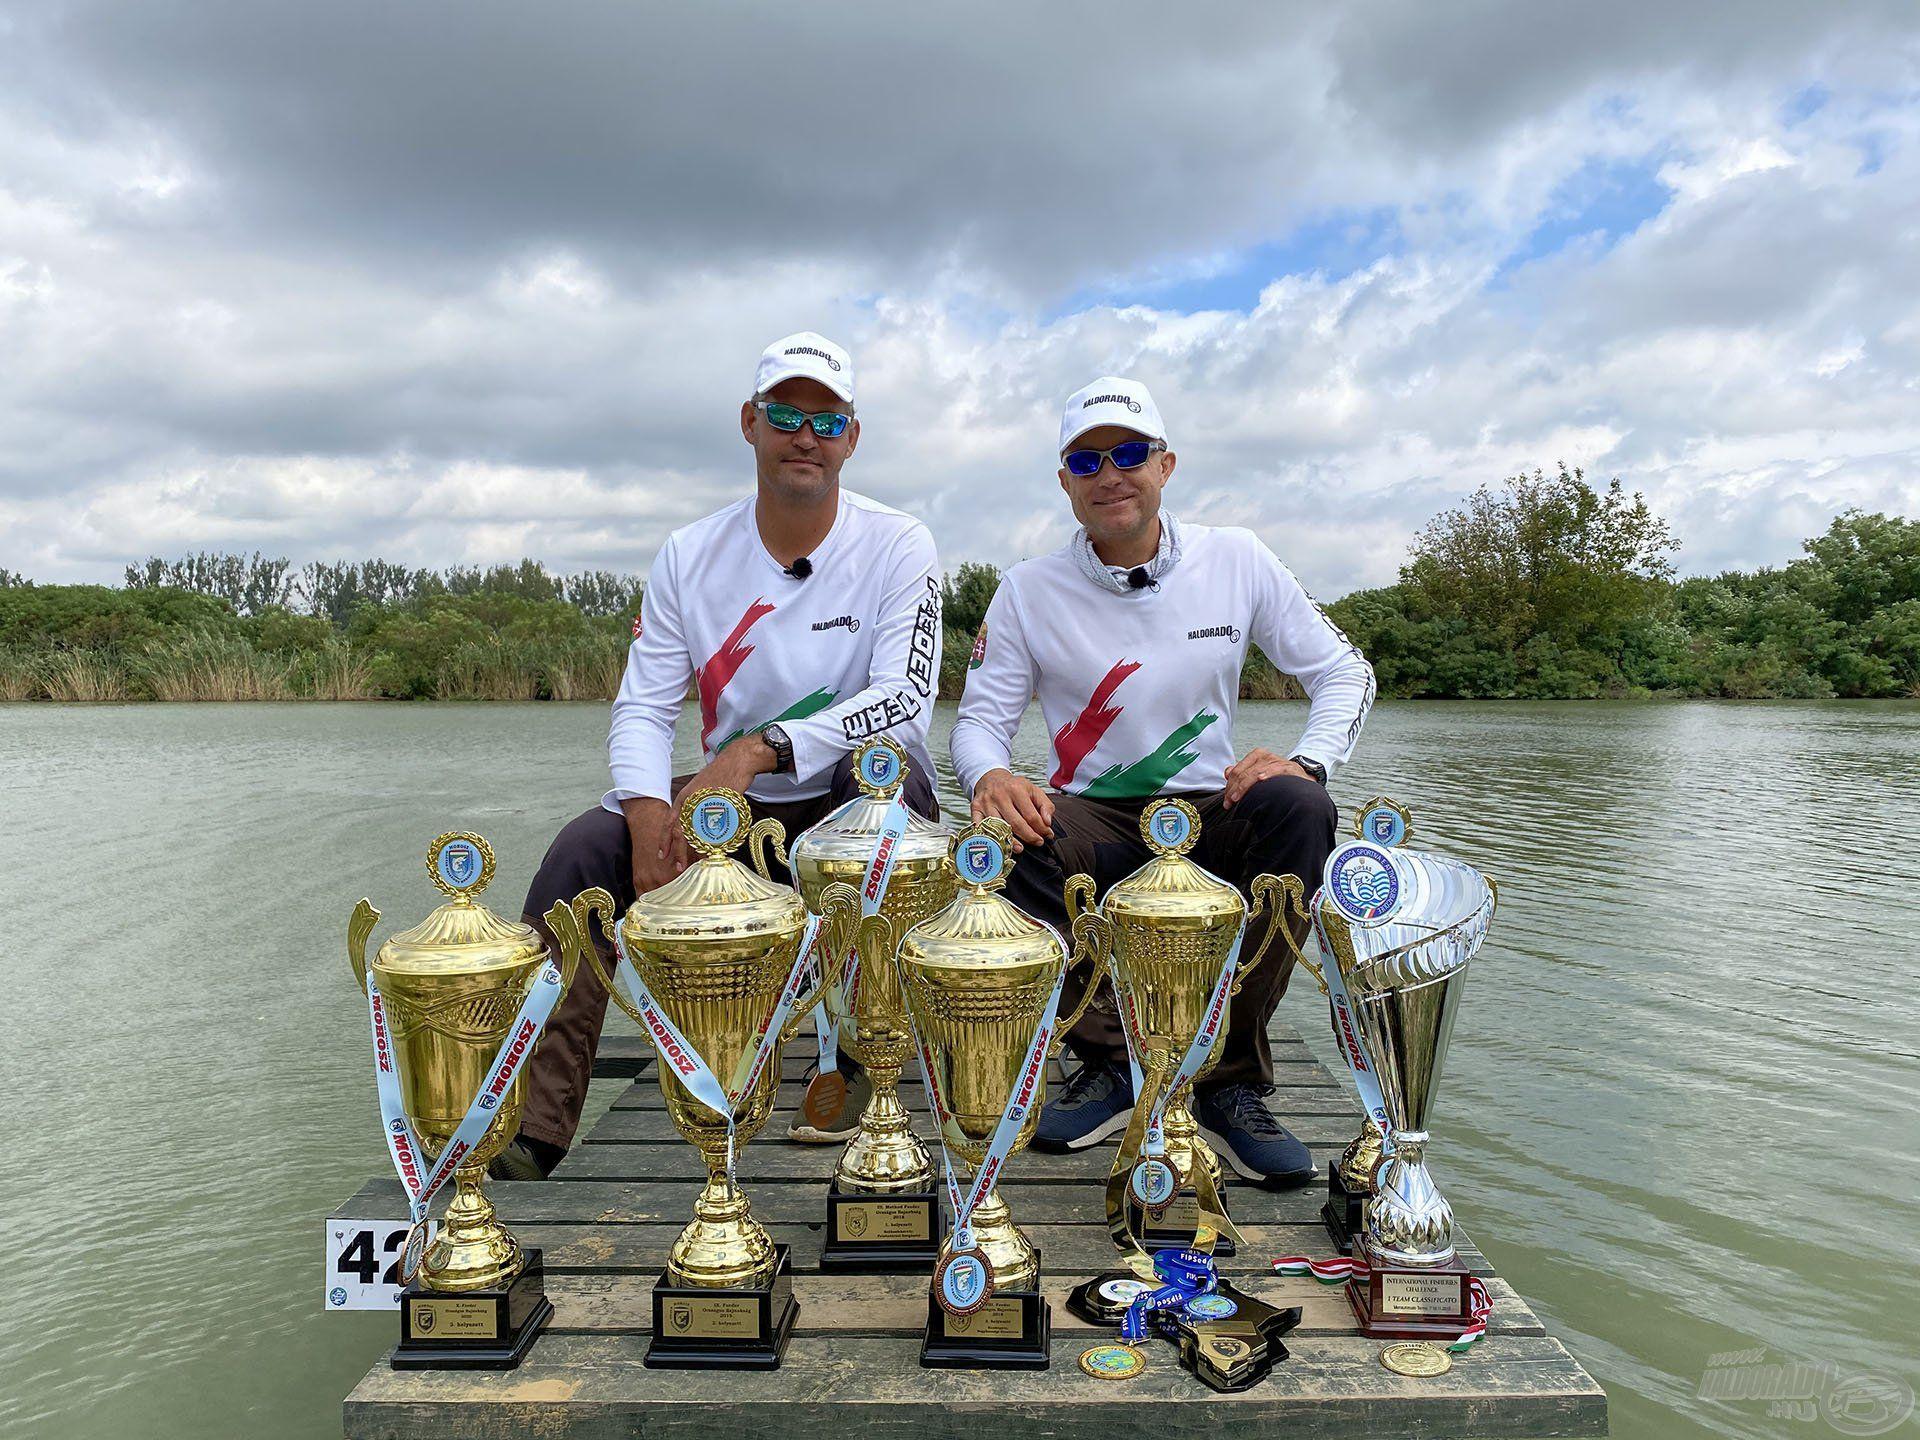 Az elmúlt években a Magyar Bajnokságokon és Nemzetközi viadalokon elért eredményeinkre joggal lehetünk büszkék